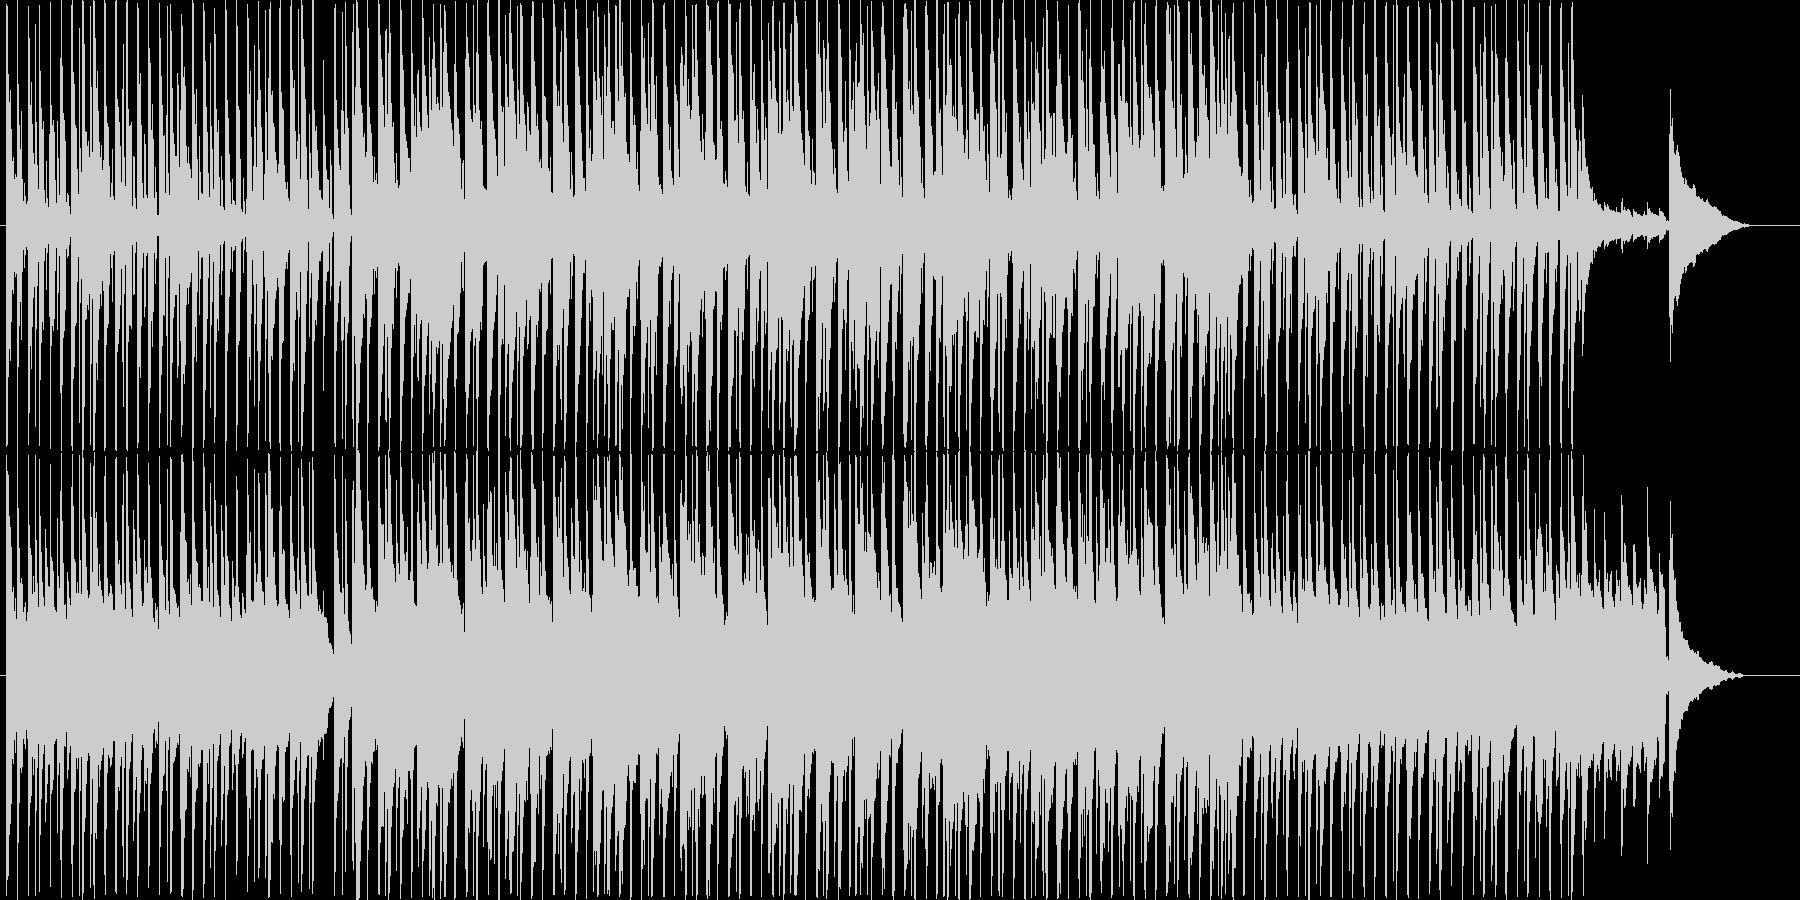 楽しい雰囲気のBGM(60ver)の未再生の波形